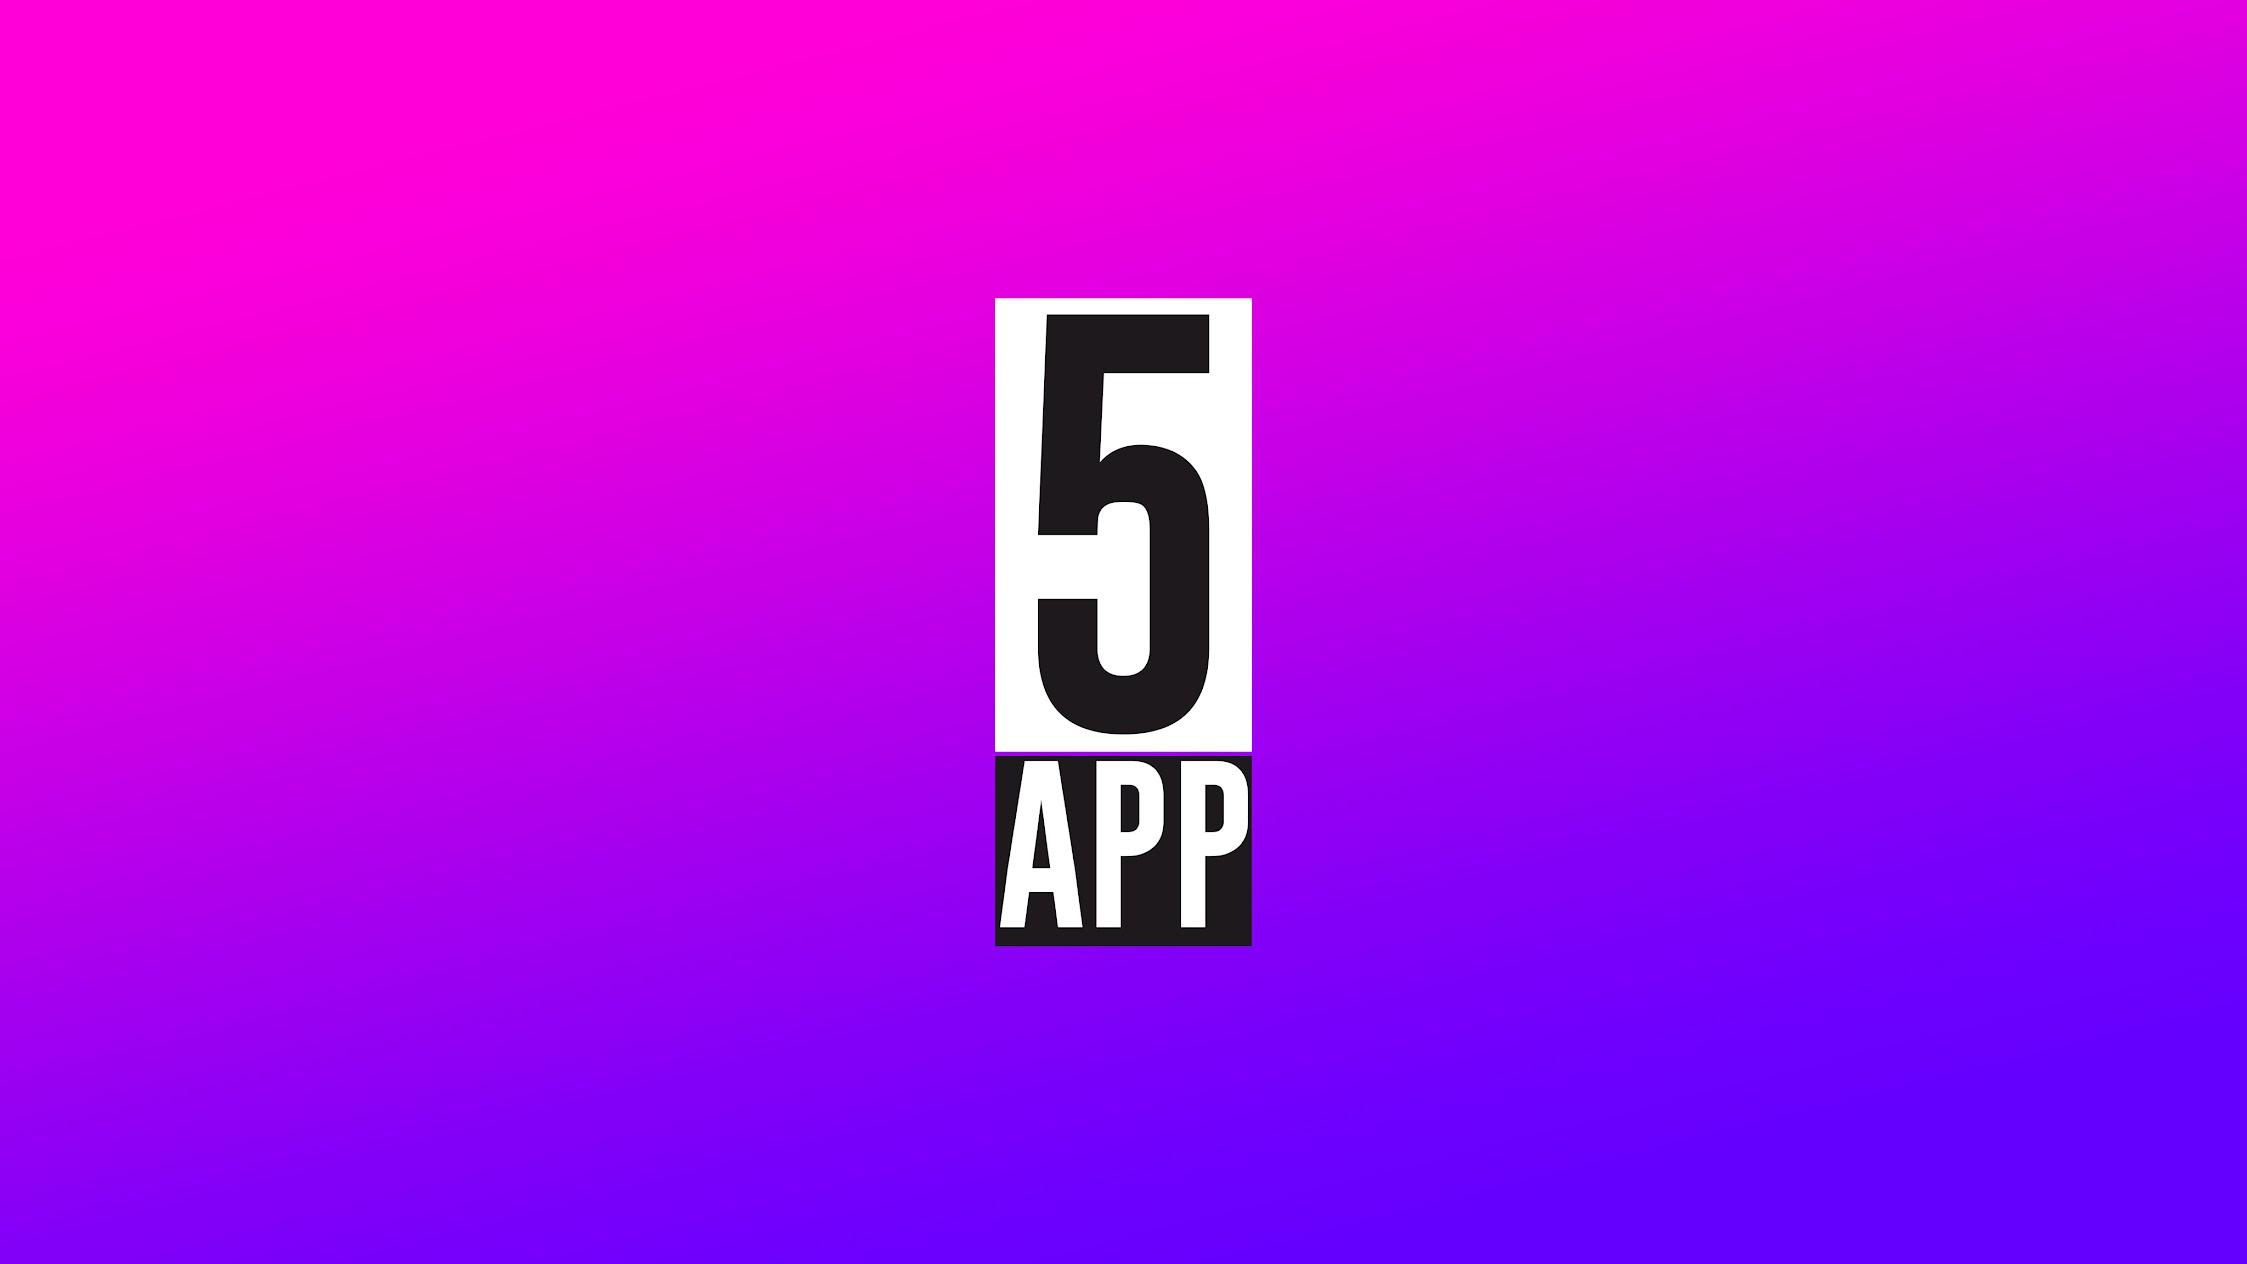 Five5APP